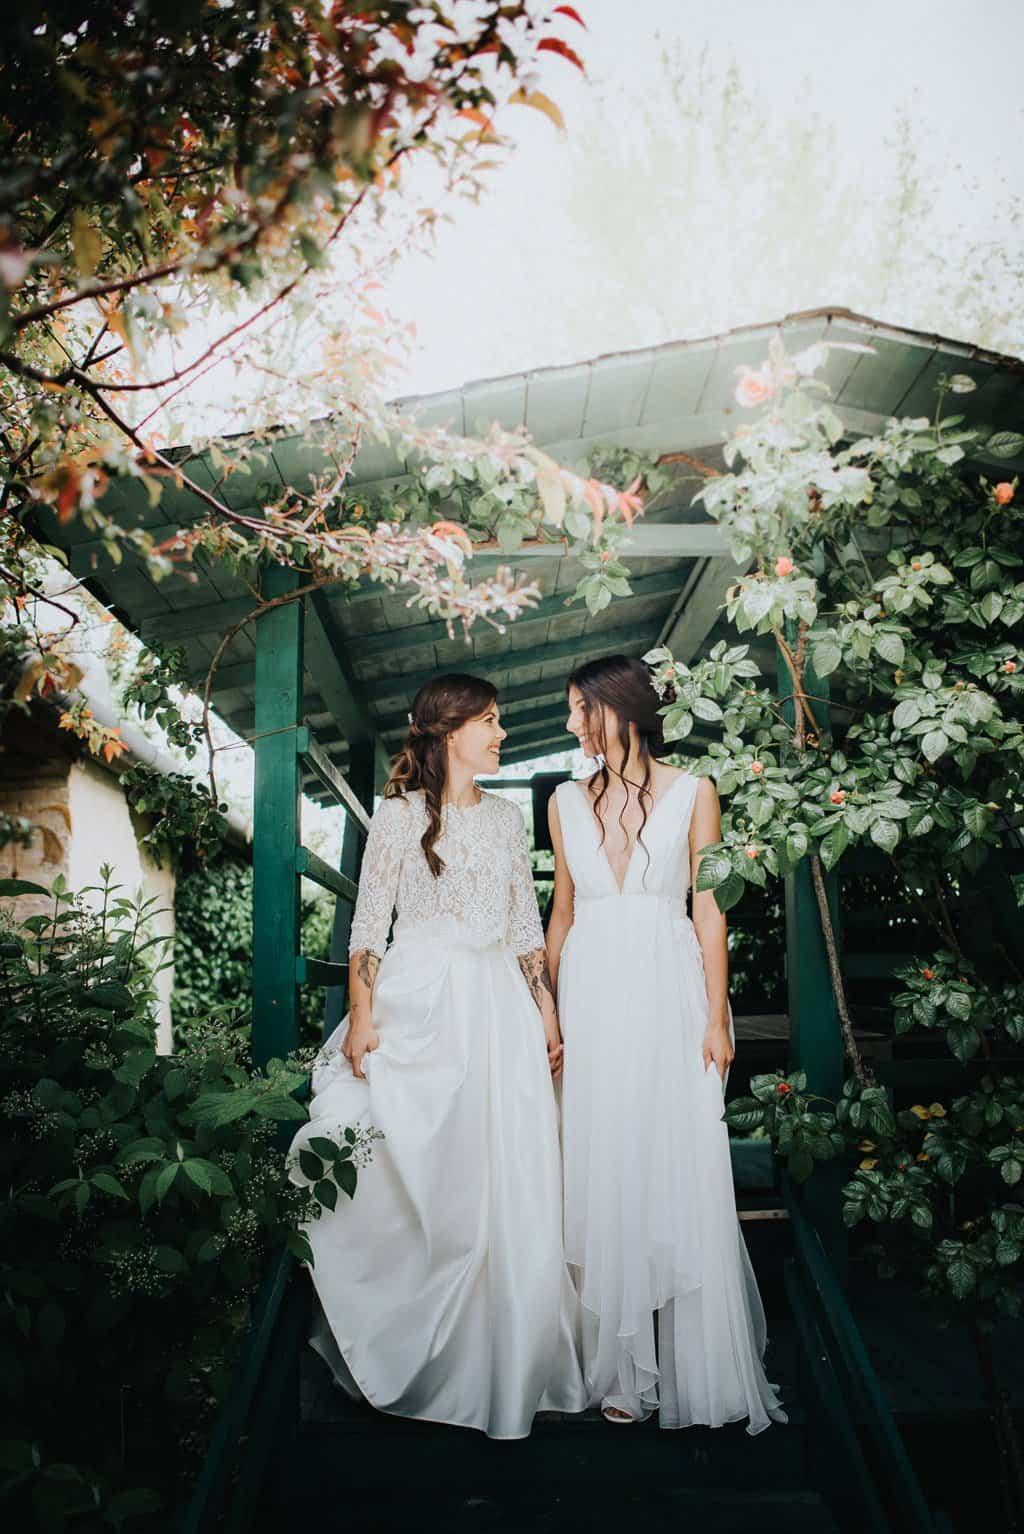 949 matrimonio villa foscarini cornaro Love is Love   Erica ed Emanuela   Fotografo Matrimonio Villa Foscarini Cornaro